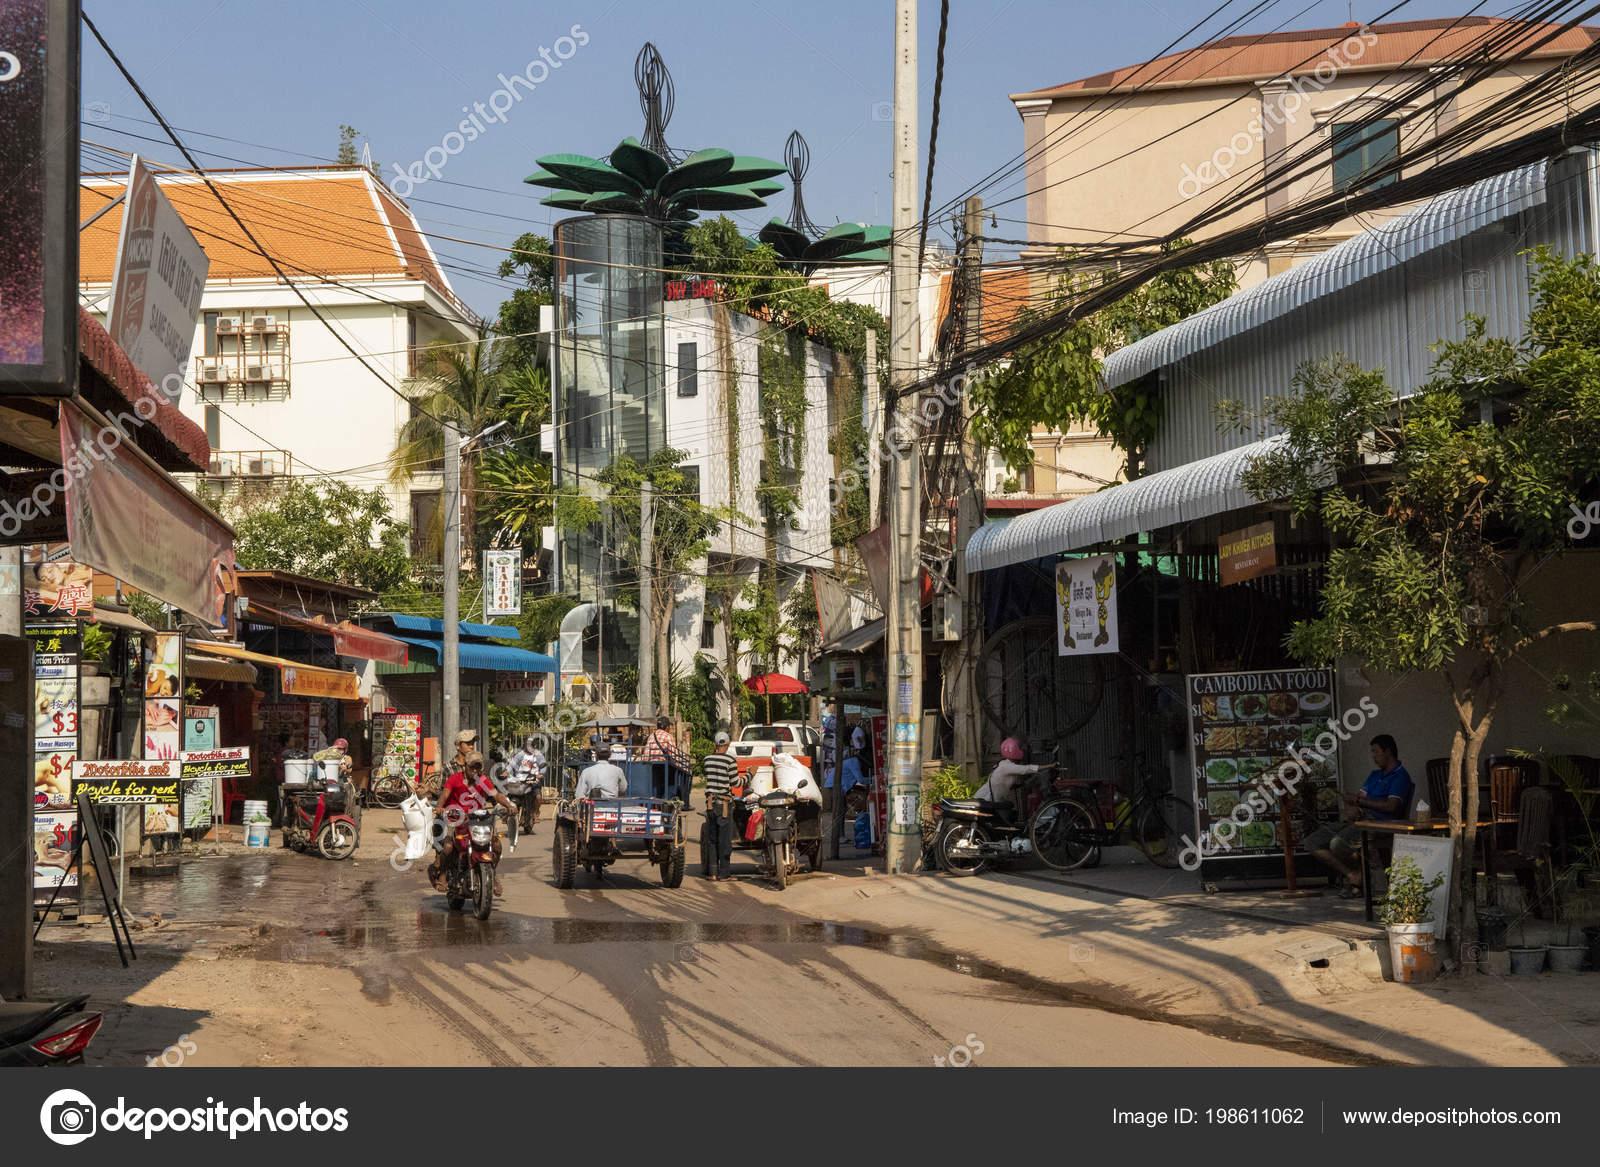 Siem Reap Cambodia March 2018 Street View Mopeds Restaurants Street